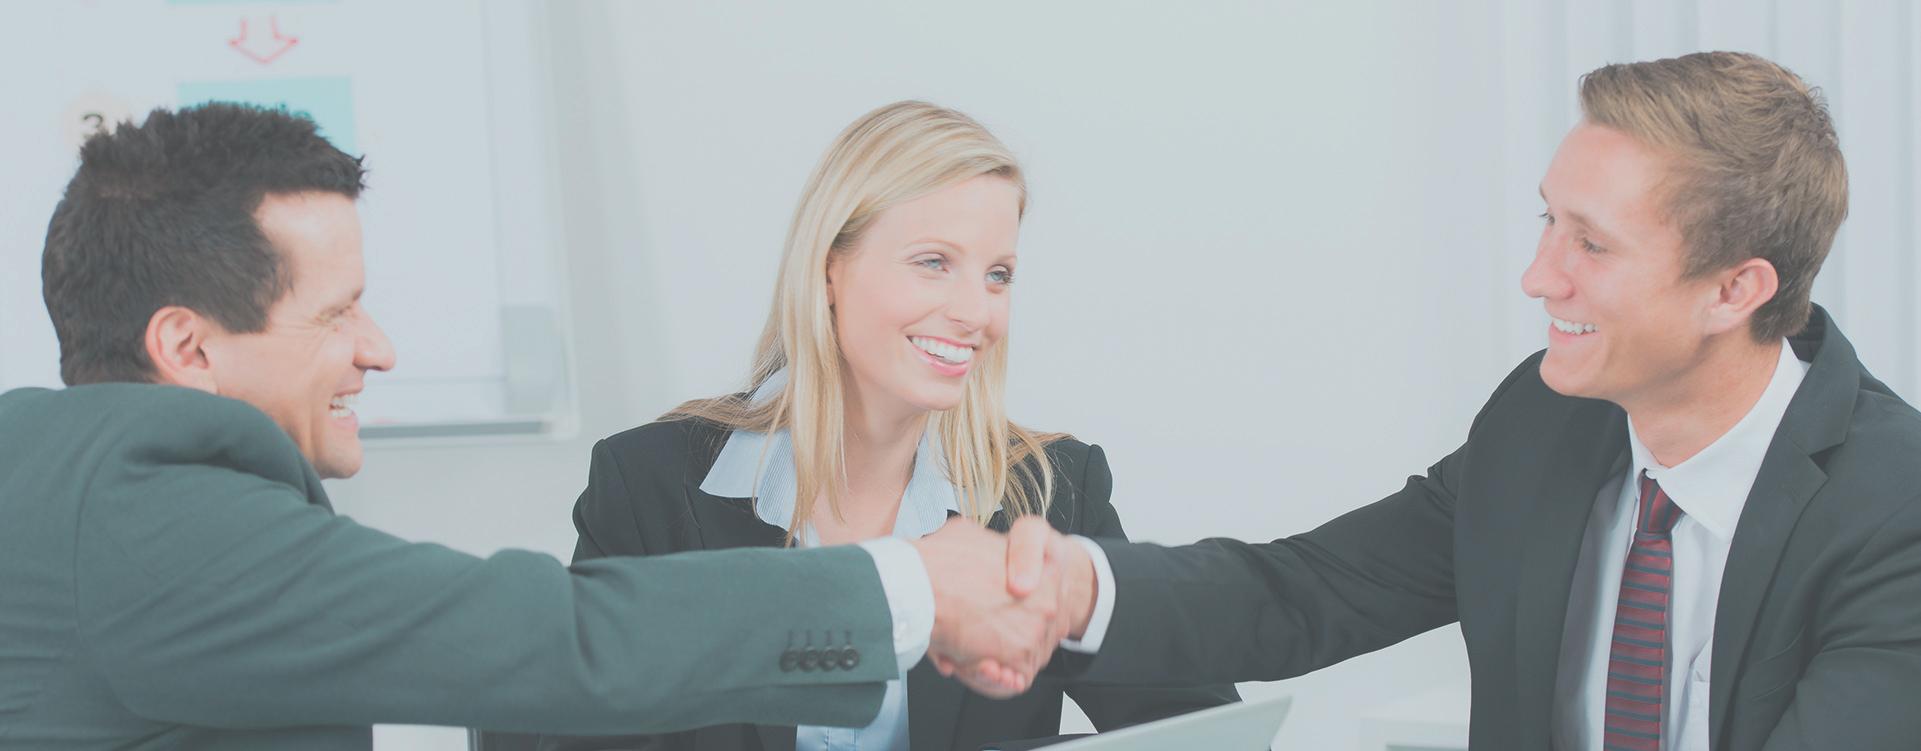 Médiation professionnelle au coeur de l'entreprise